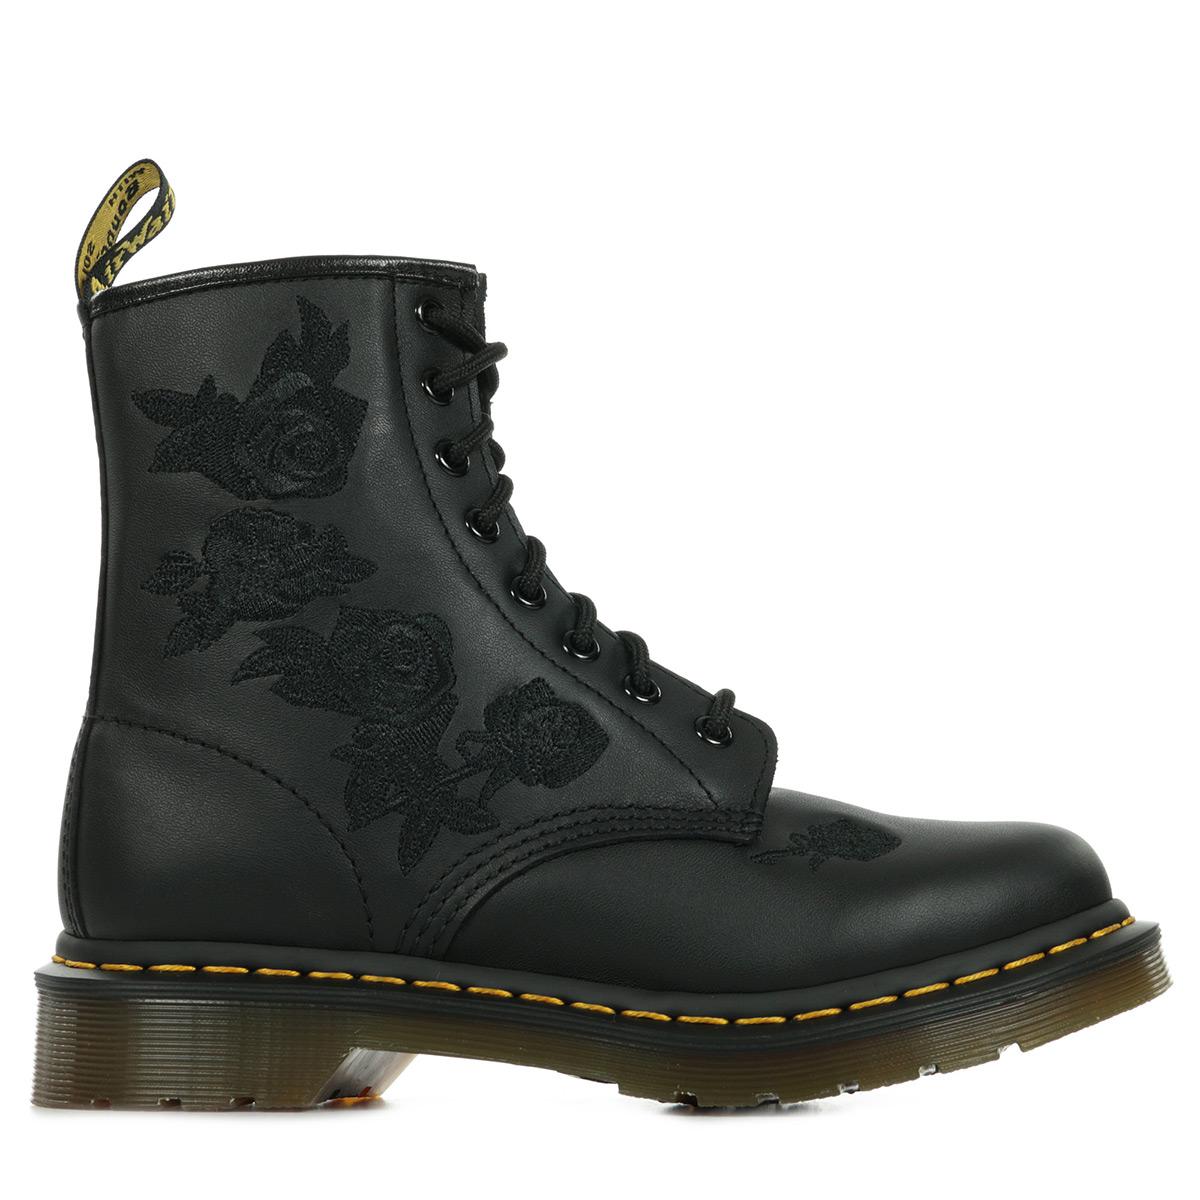 Boot Dr Martens 1460 Vonda Mono 24985001 – Soldes et achat